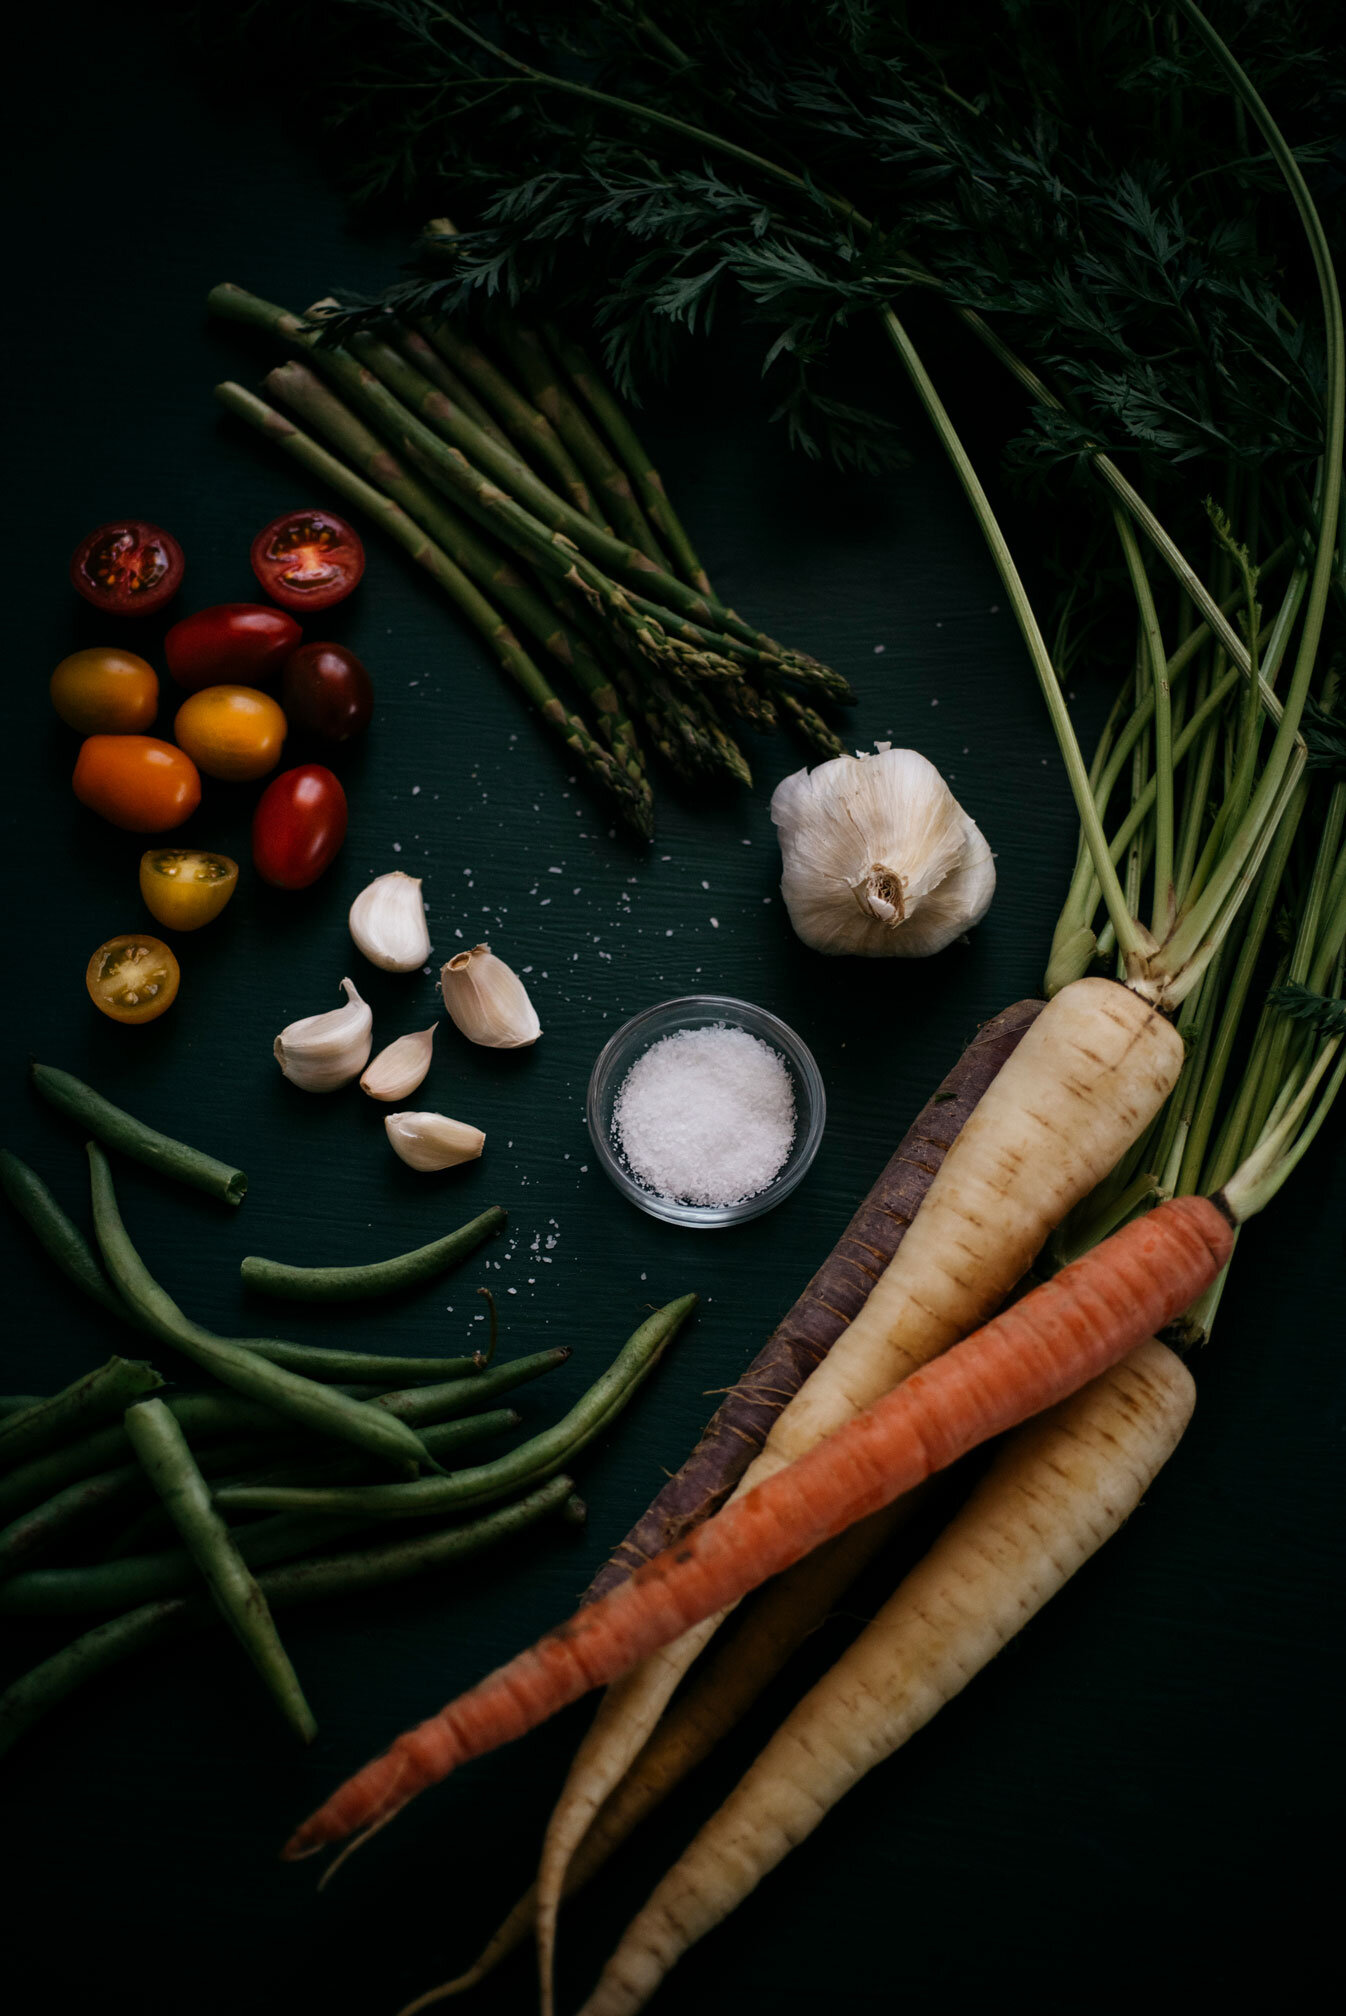 Vegetable_Ingredients_Rebecca_Peloquin.jpg